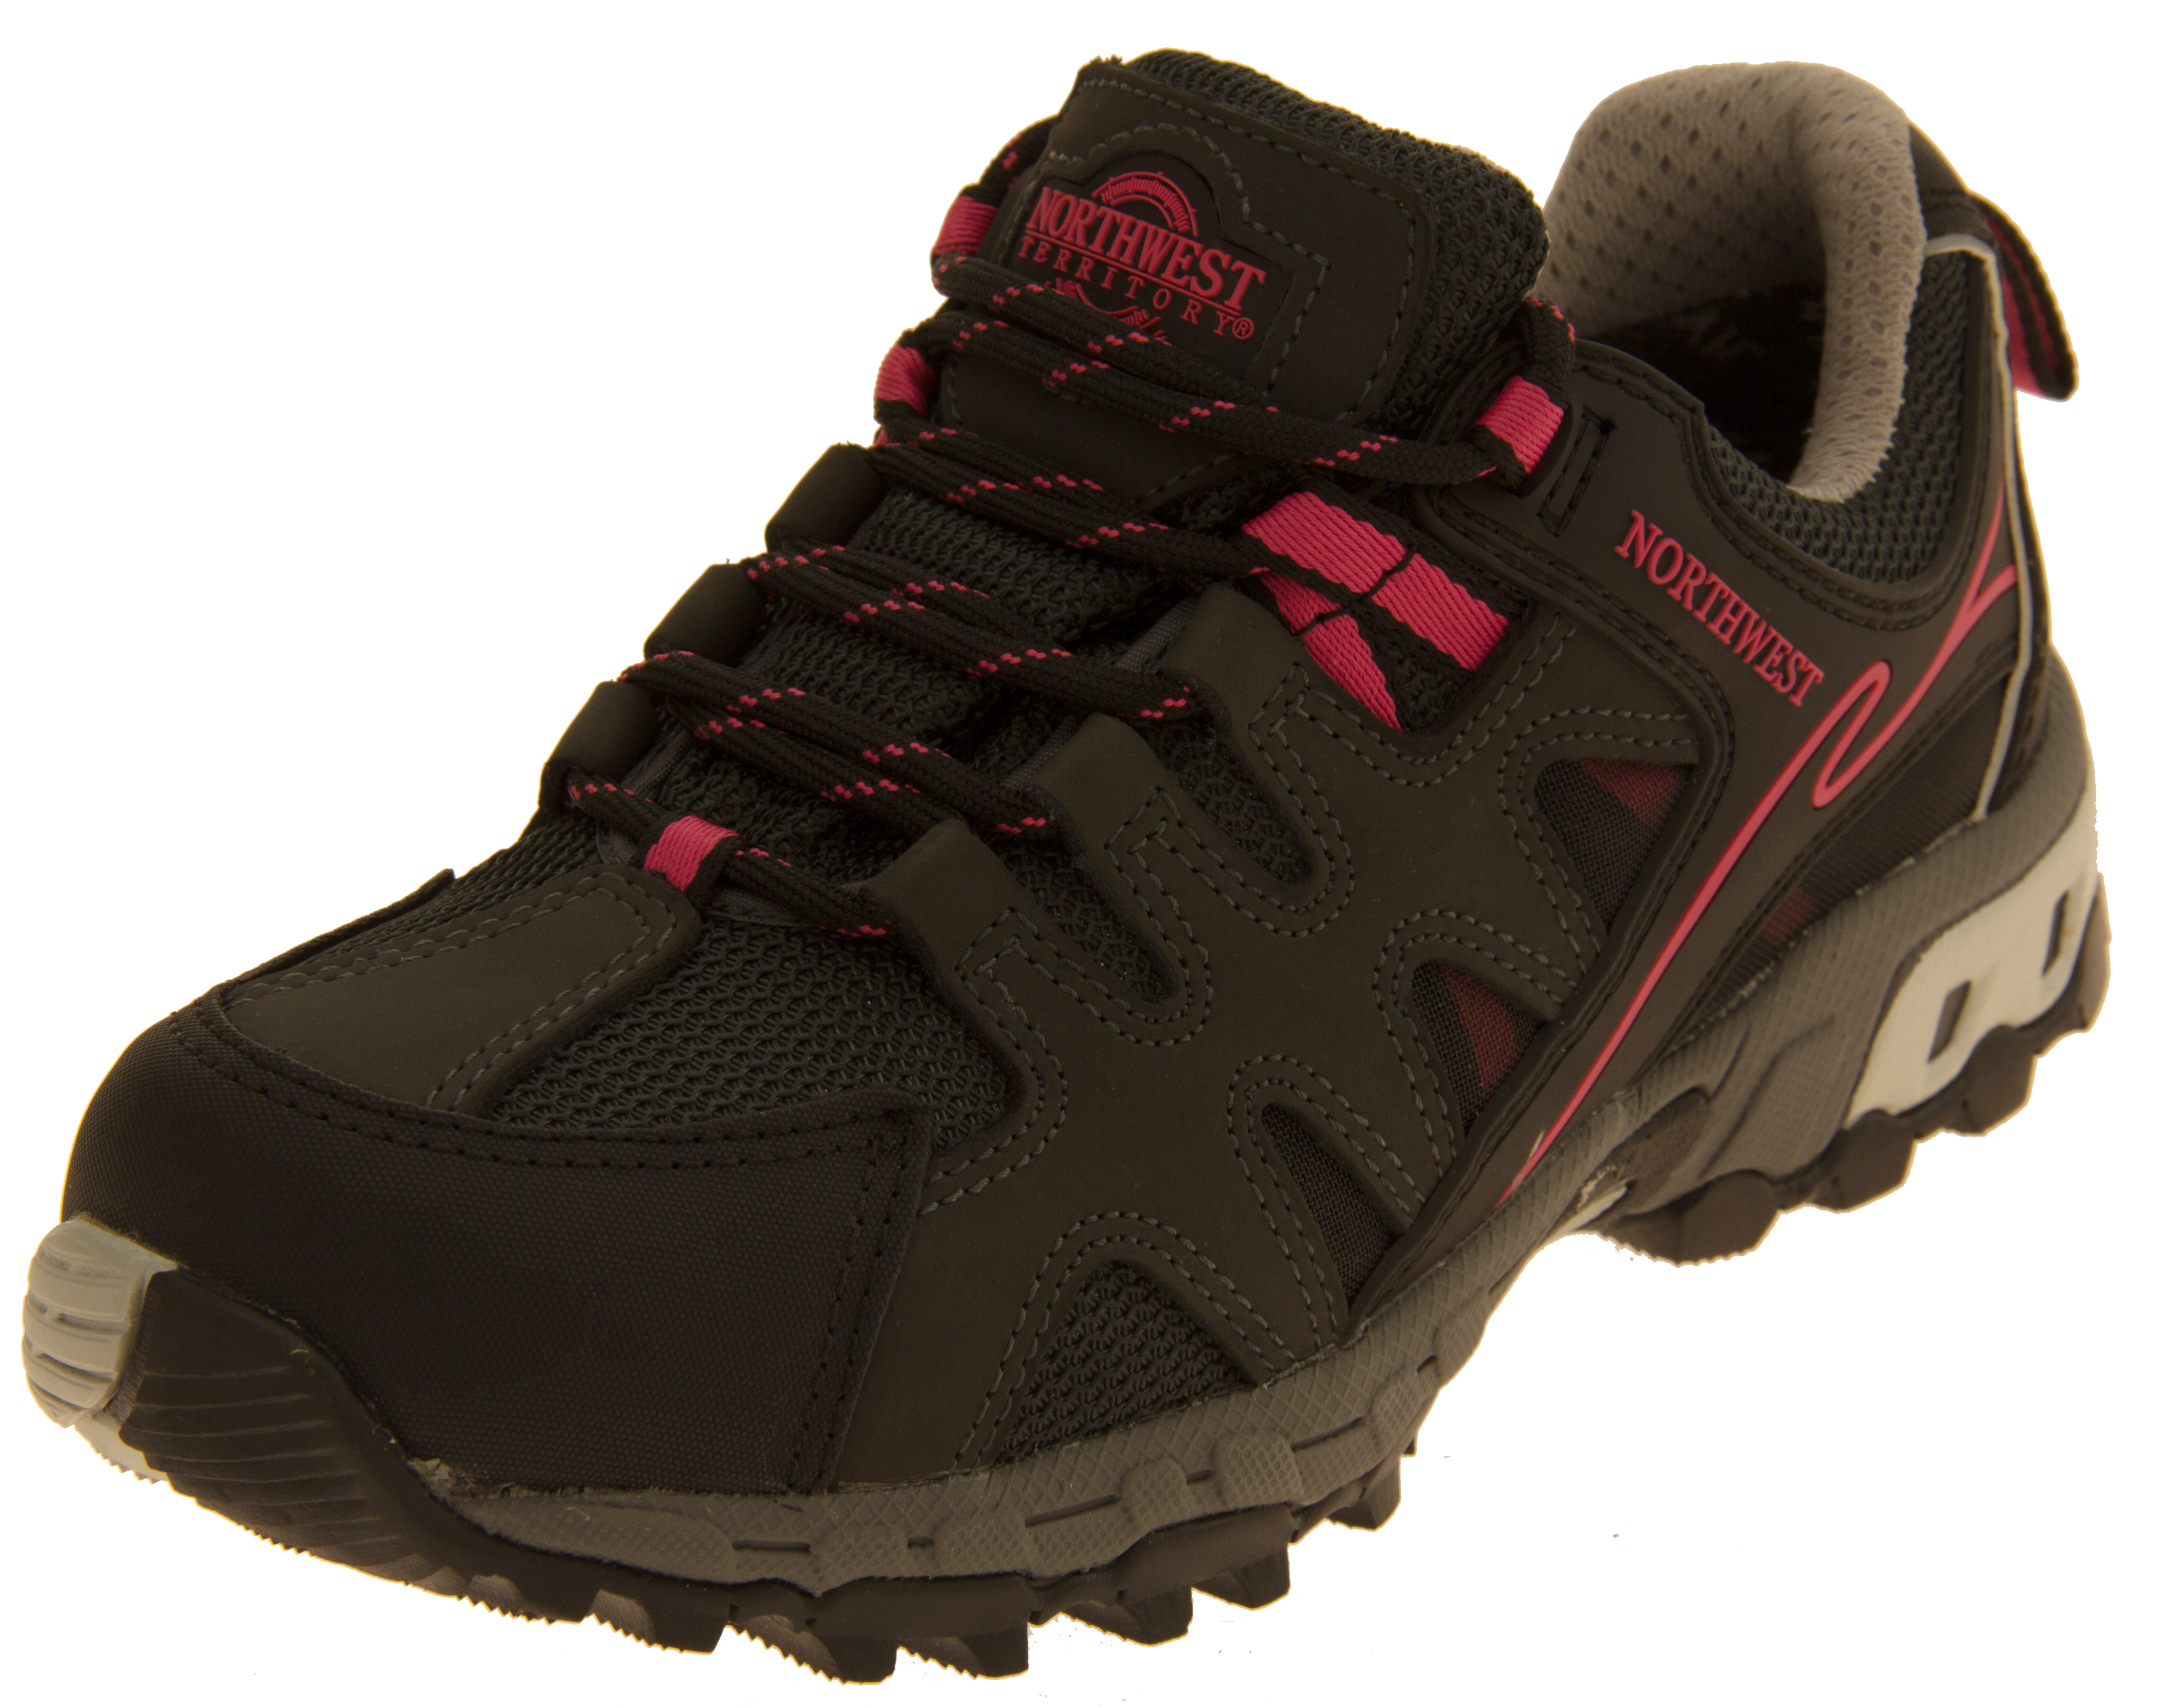 4b935102d32 Ladies Leather NORTHWEST TERRITORY Hiking Walking Waterproof Shoes ...